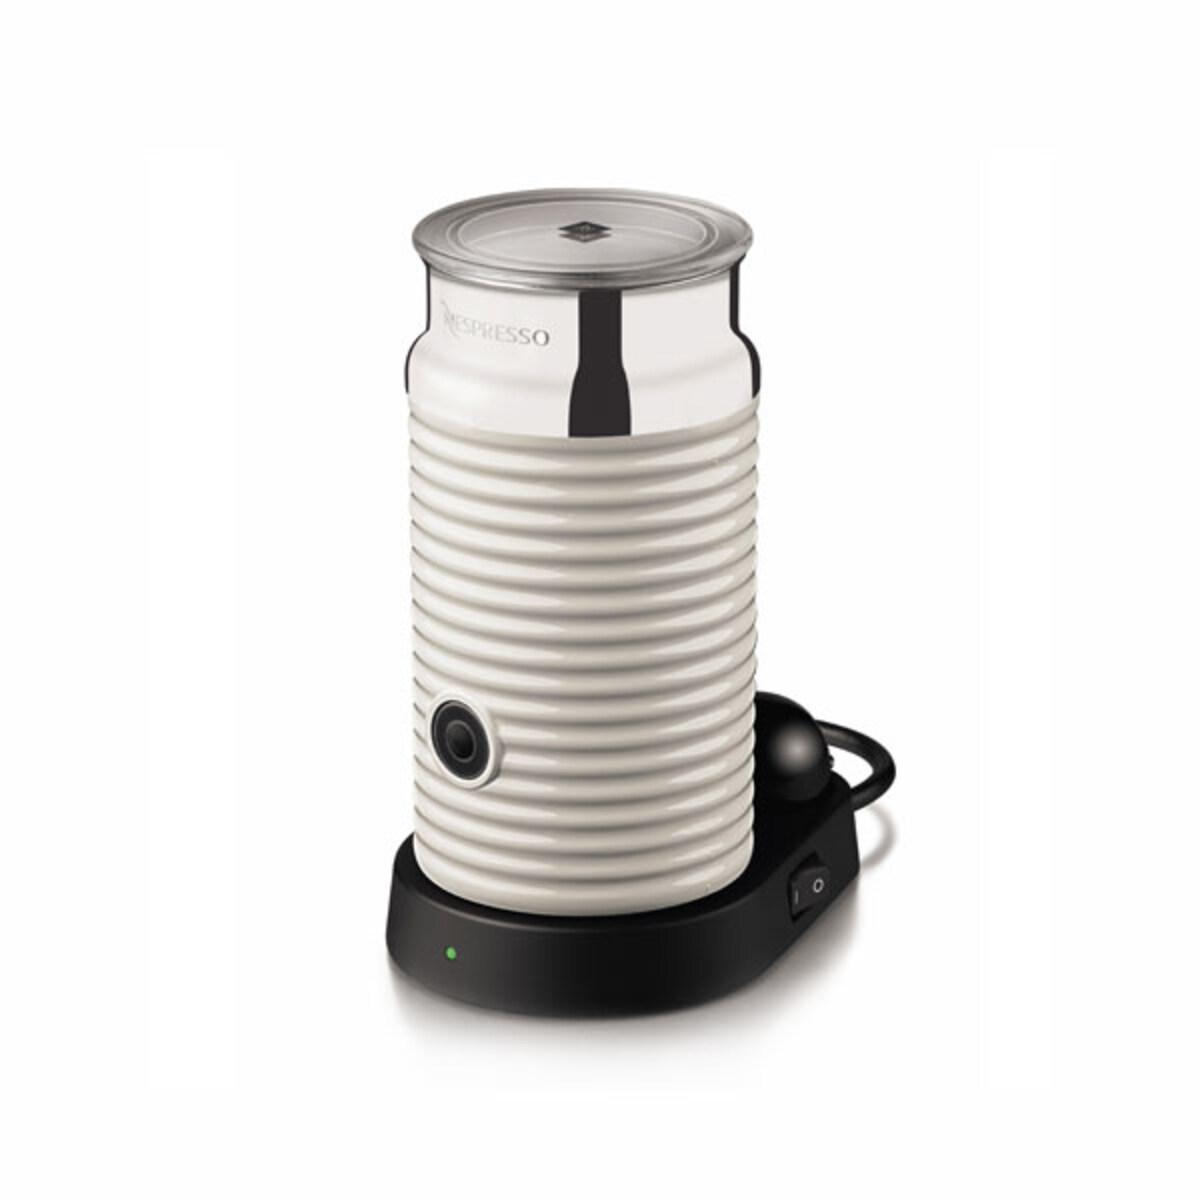 Nespresso Aeroccino 3 - кремаво